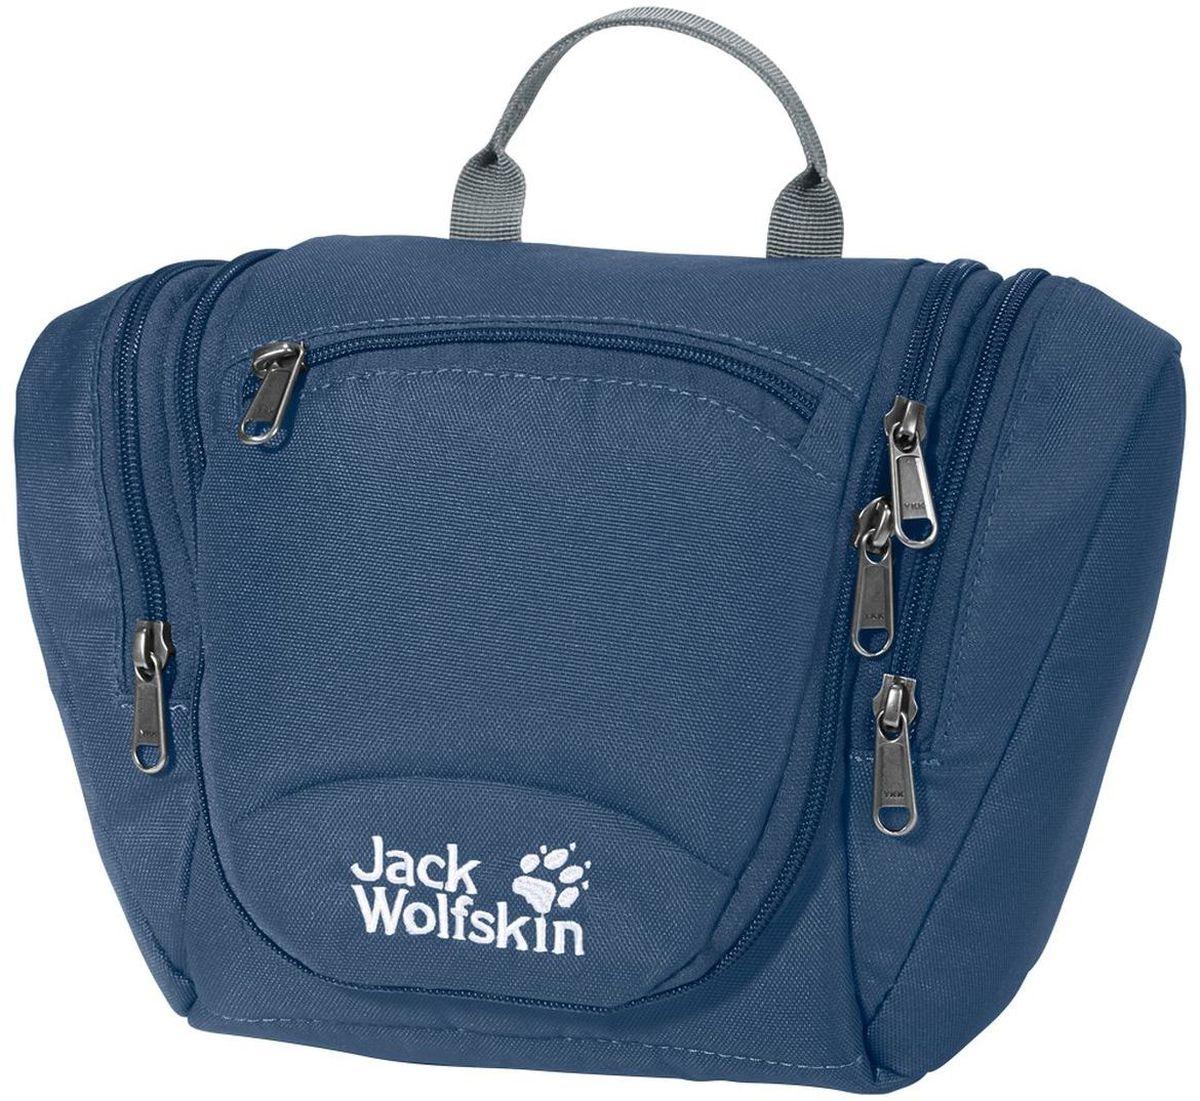 Нессесер женский Jack Wolfskin Caddie, цвет: синий, 5 л8001211-1588Большой несессер со съемной косметичкой